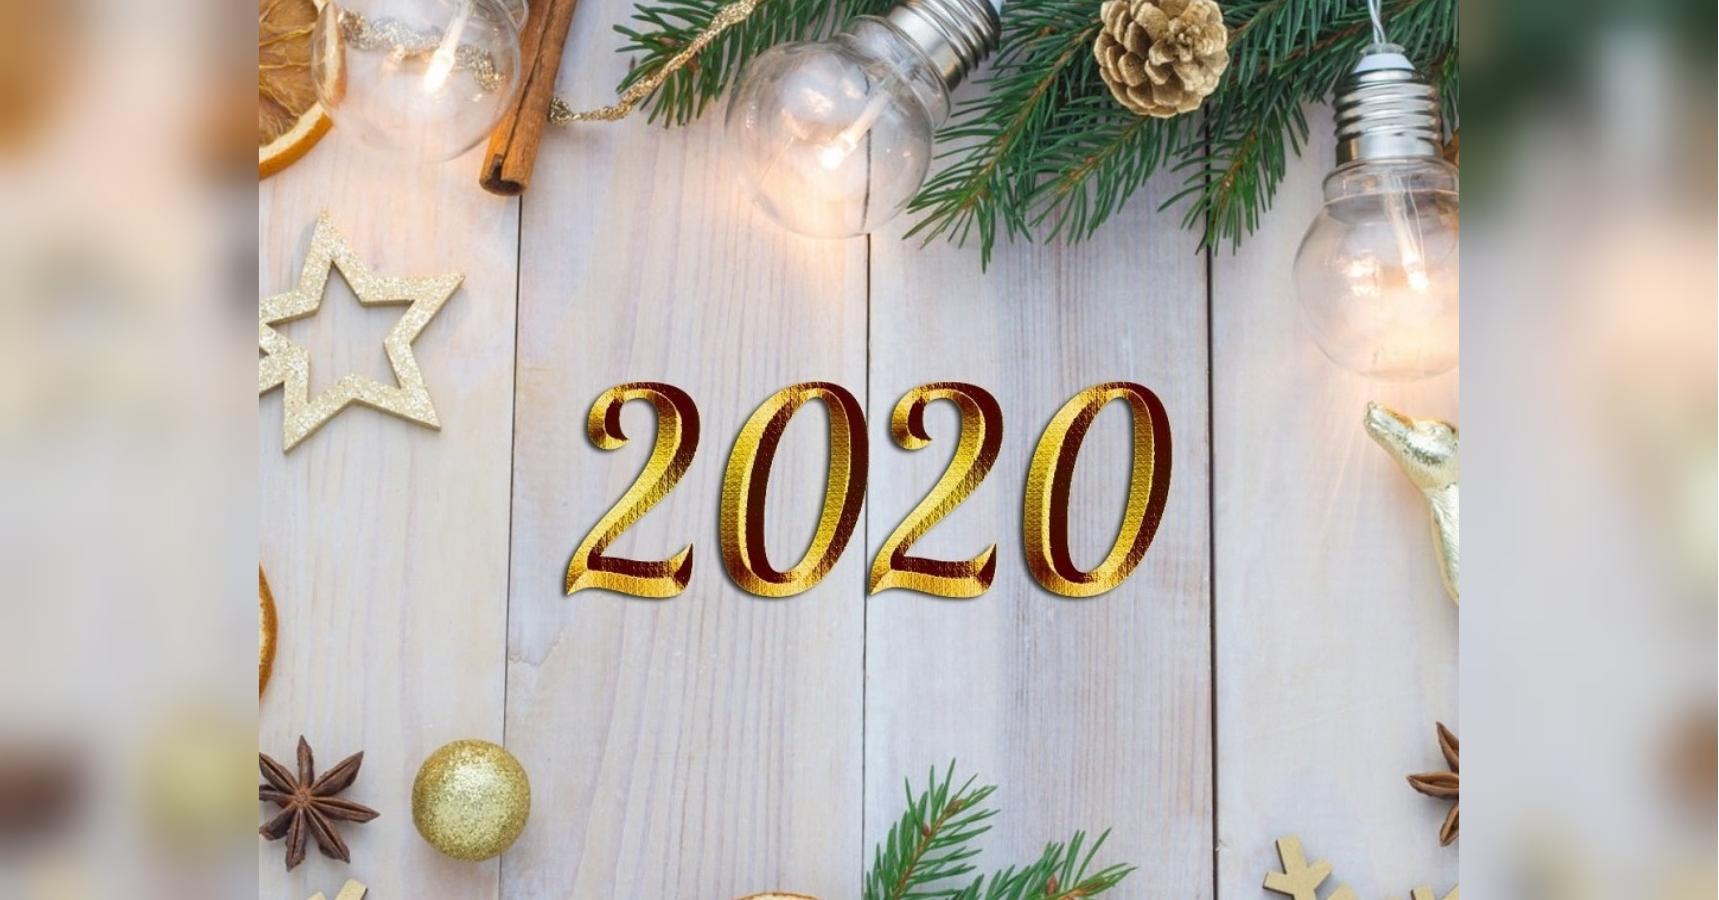 самые красивые картинки с новым годом и рождеством 2020 банк хоум кредит чебоксары официальный